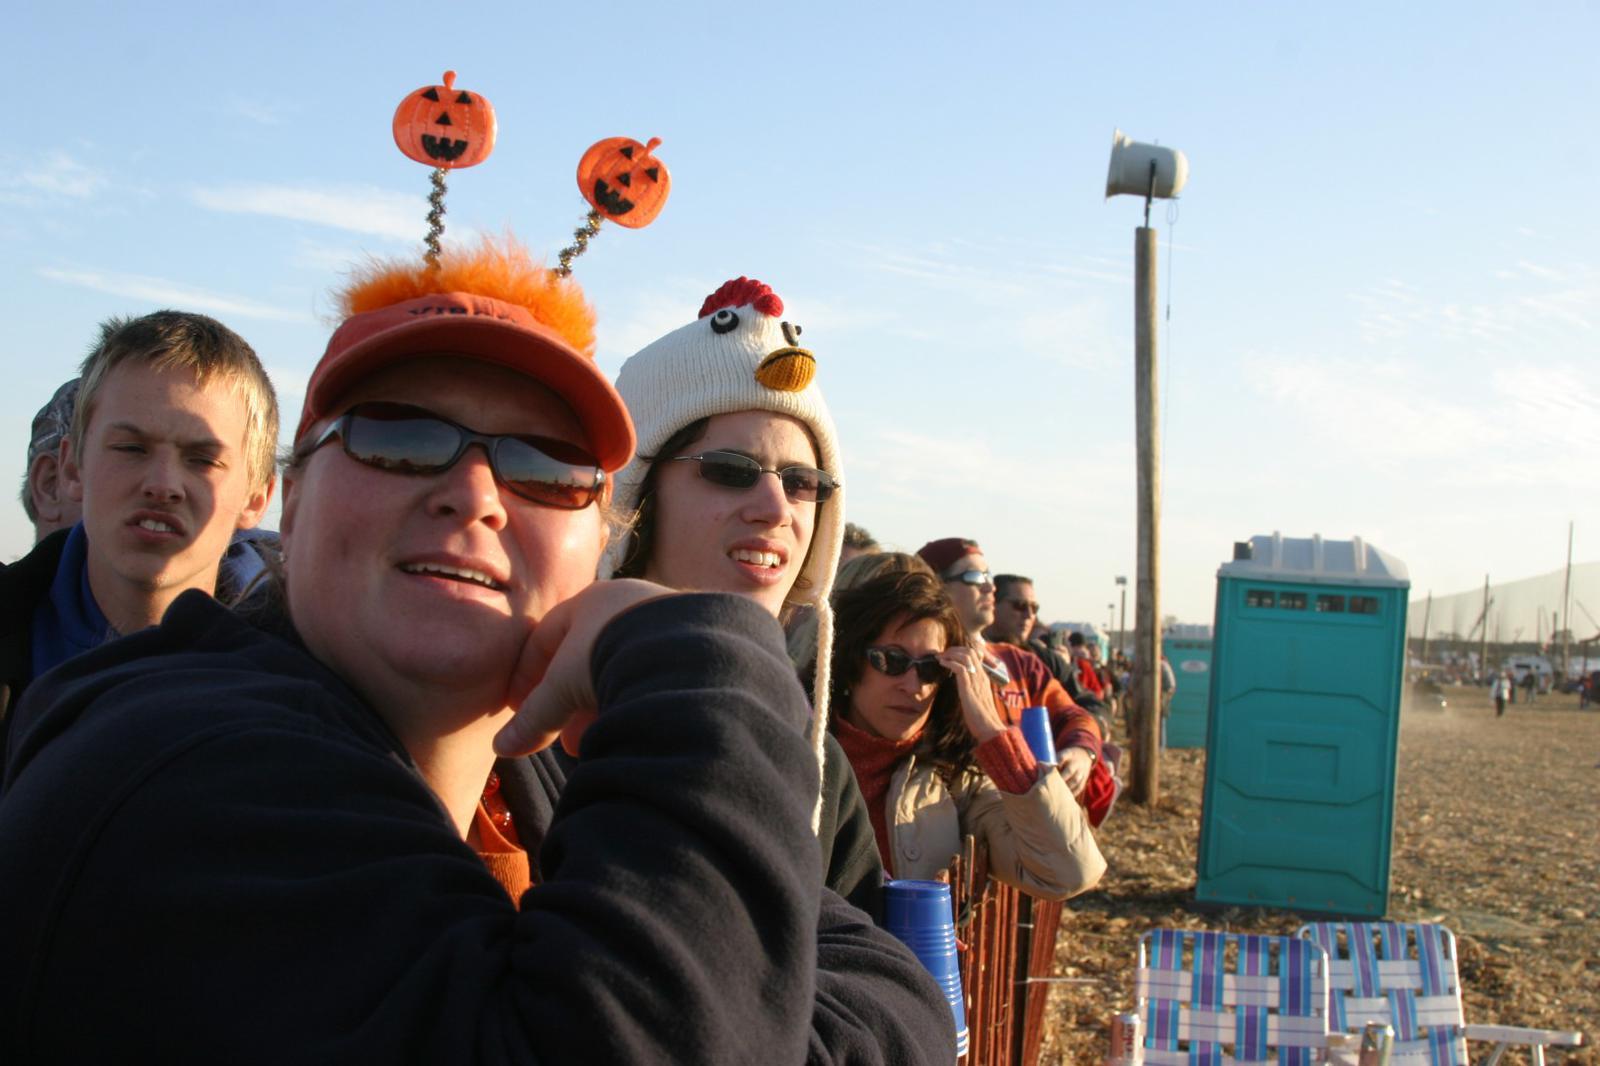 Punkin Chunkin Festival in Delaware